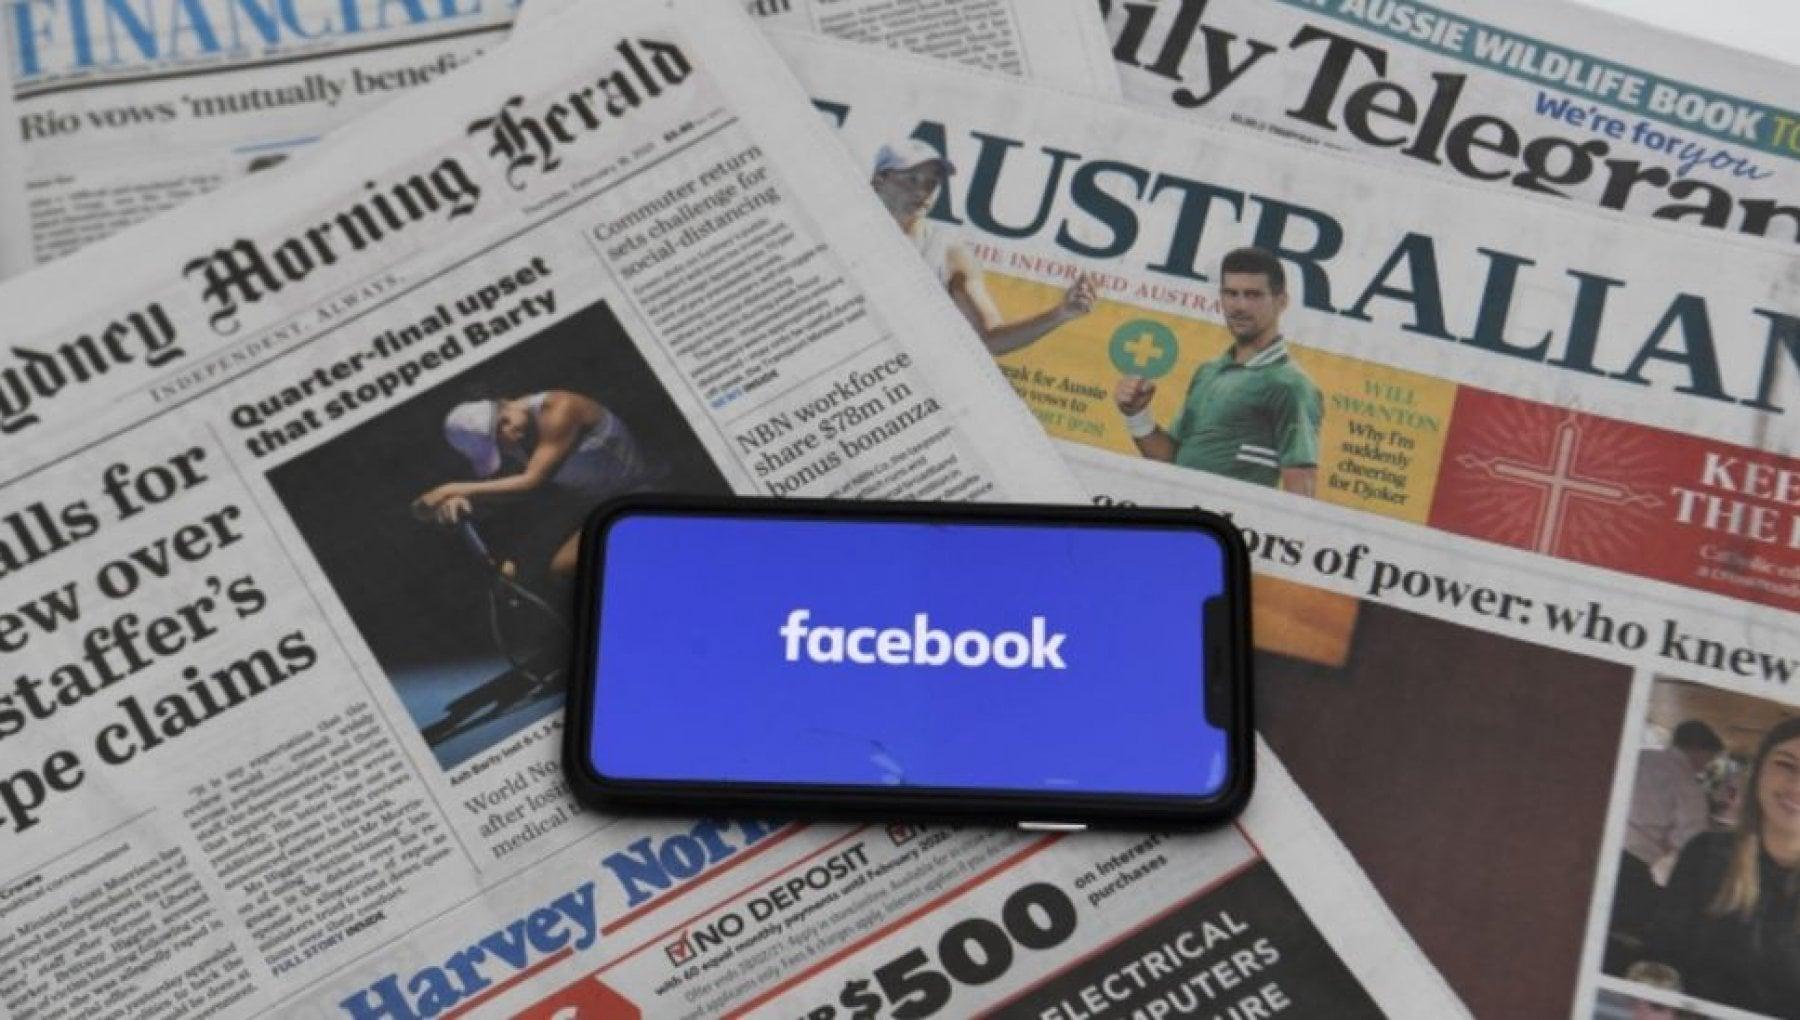 023521887 16db36f4 8273 4ddb 8484 c8a36ac14b93 - Australia: accordo tra Facebook e la News Corp di Murdoch per la diffusione di notizie sul social